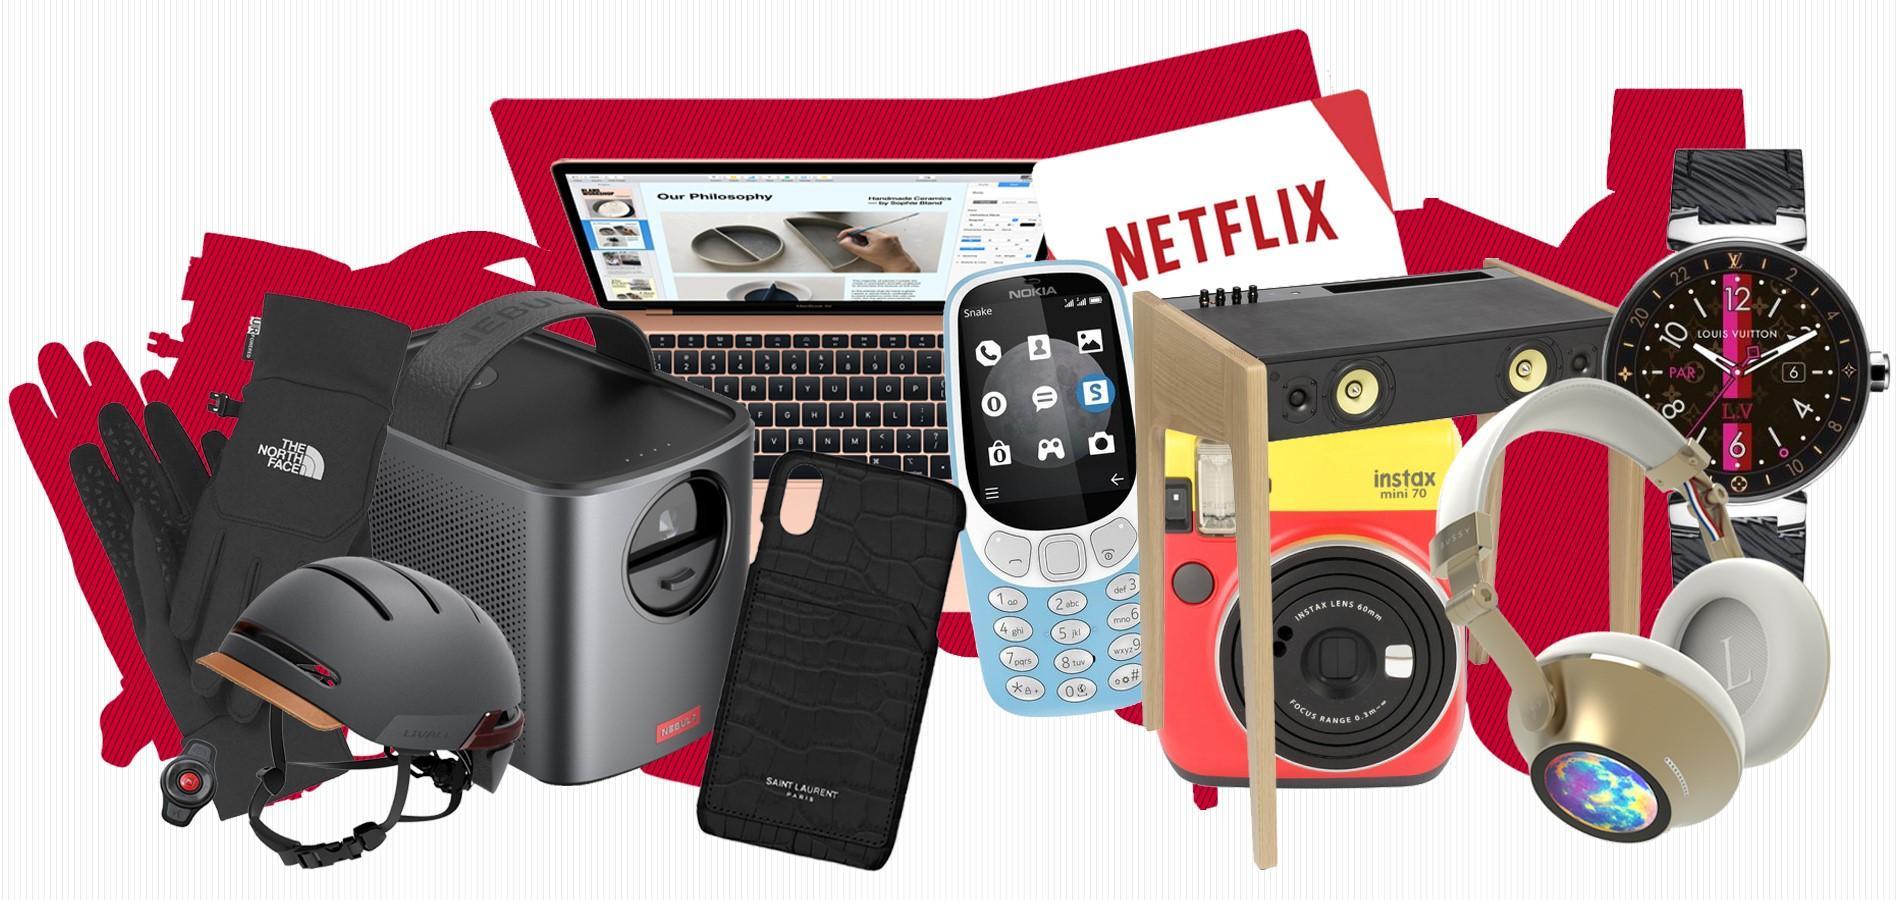 Noël 2018 : 30 idées cadeaux high tech pour des filles connectées